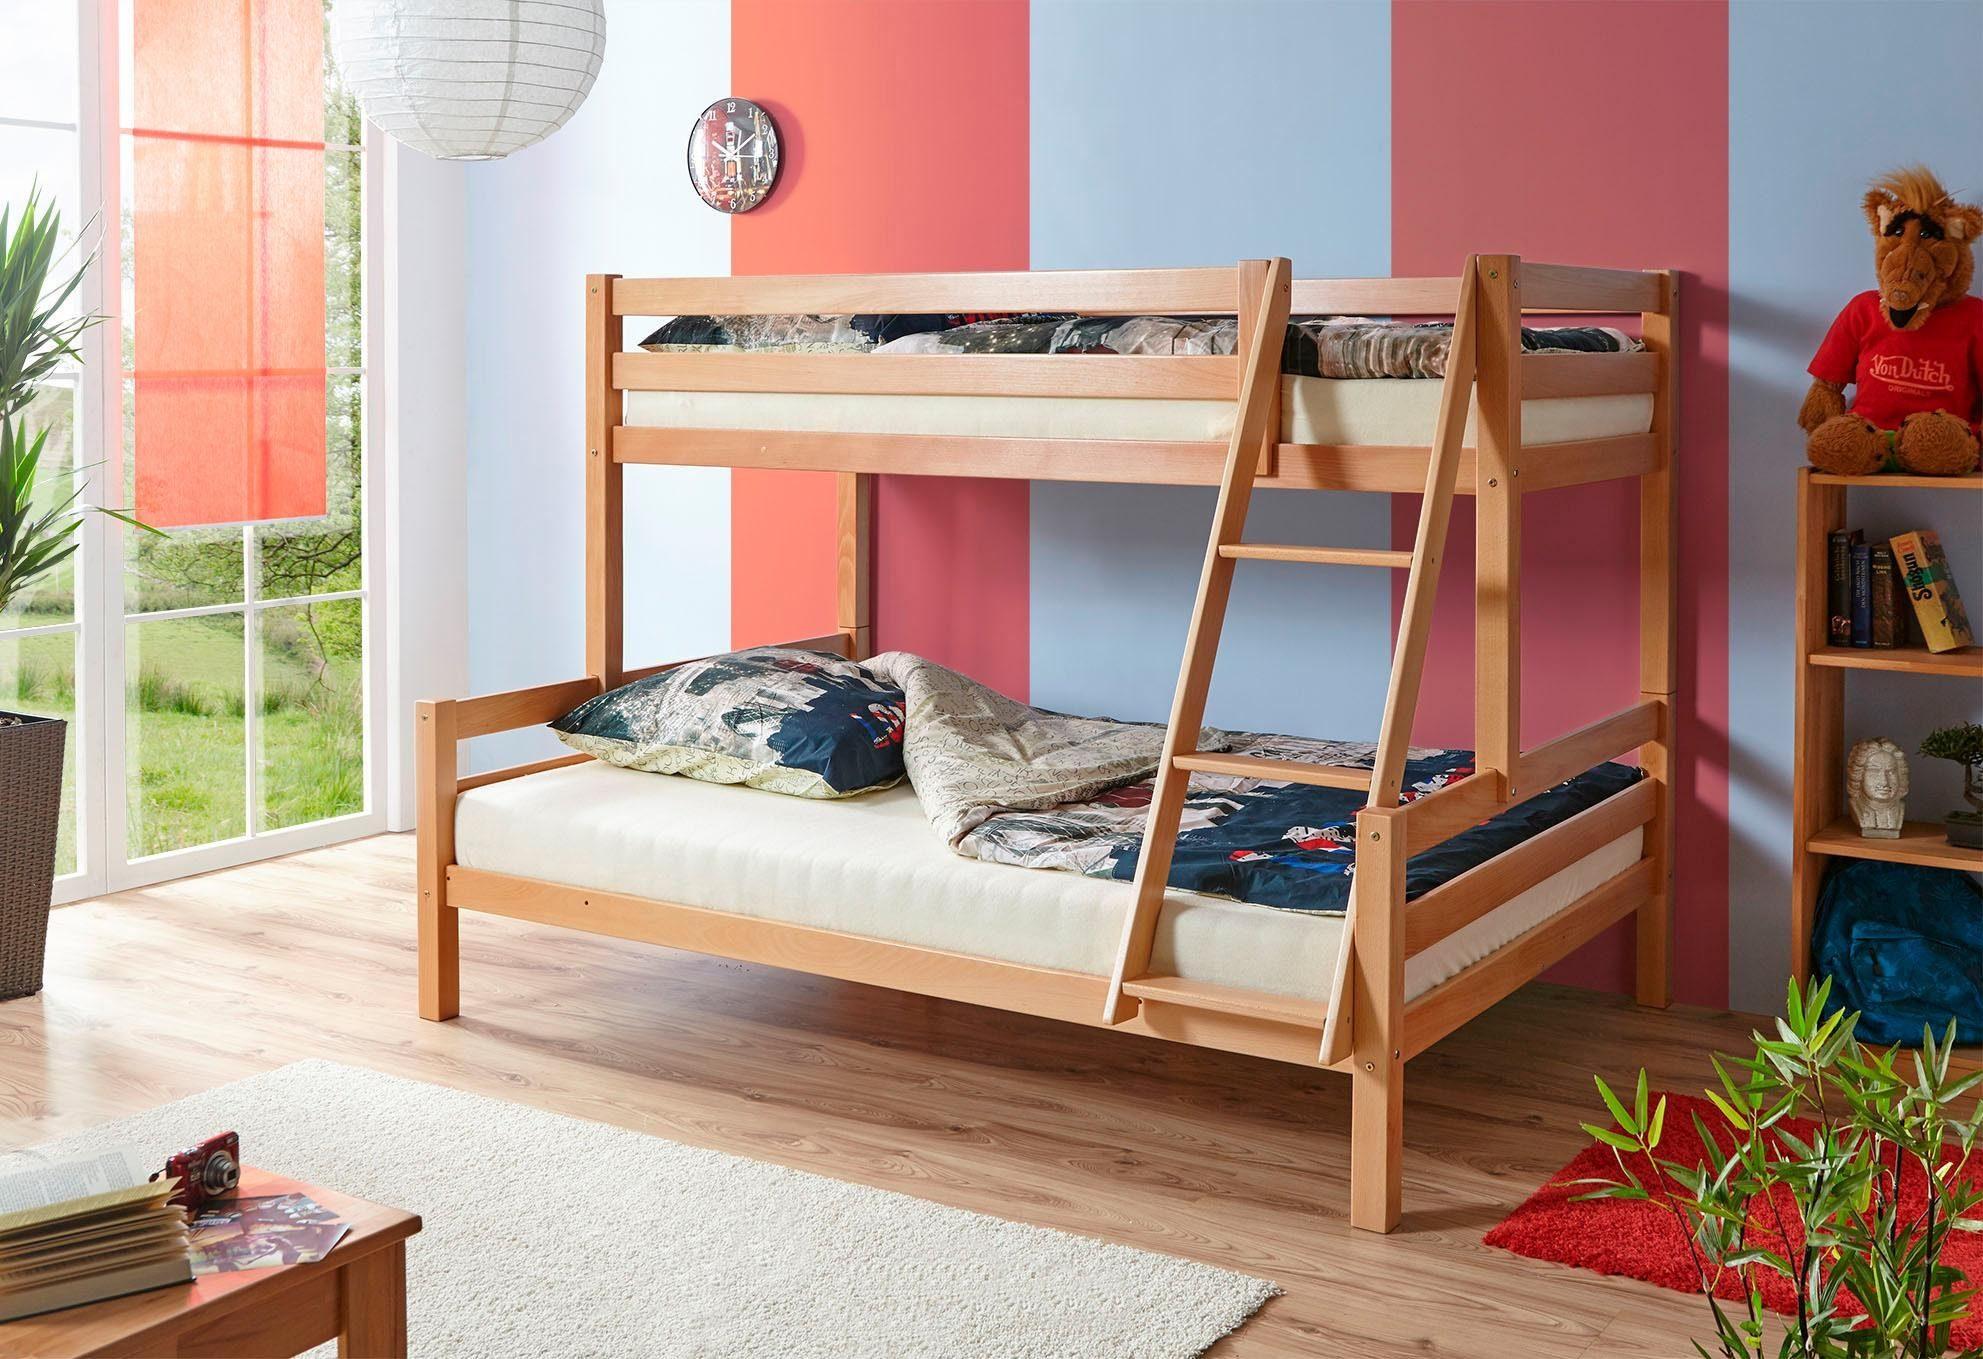 Etagenbett Unten Doppelbett : Hochbett doppelbett ebay kleinanzeigen